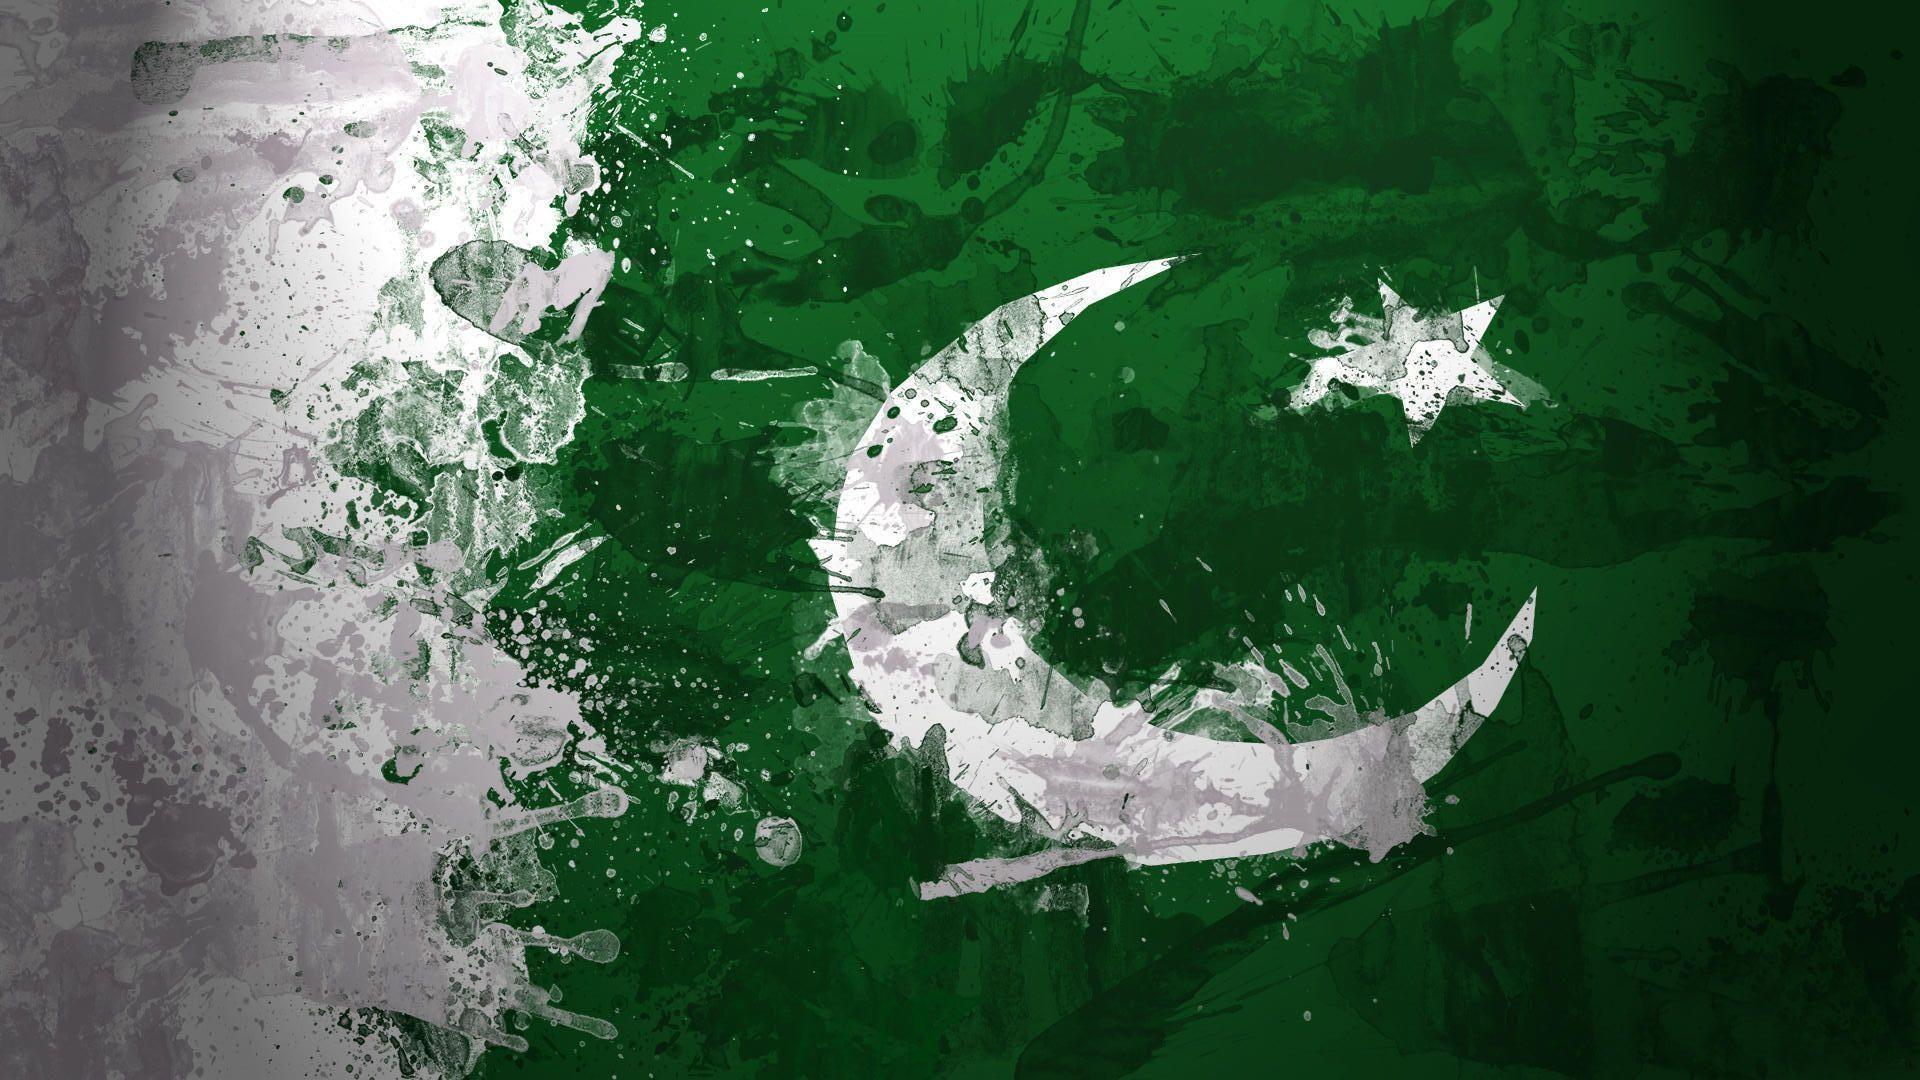 Res: 1920x1080, Pak Flag Wallpaper 2015 - WallpaperSafari